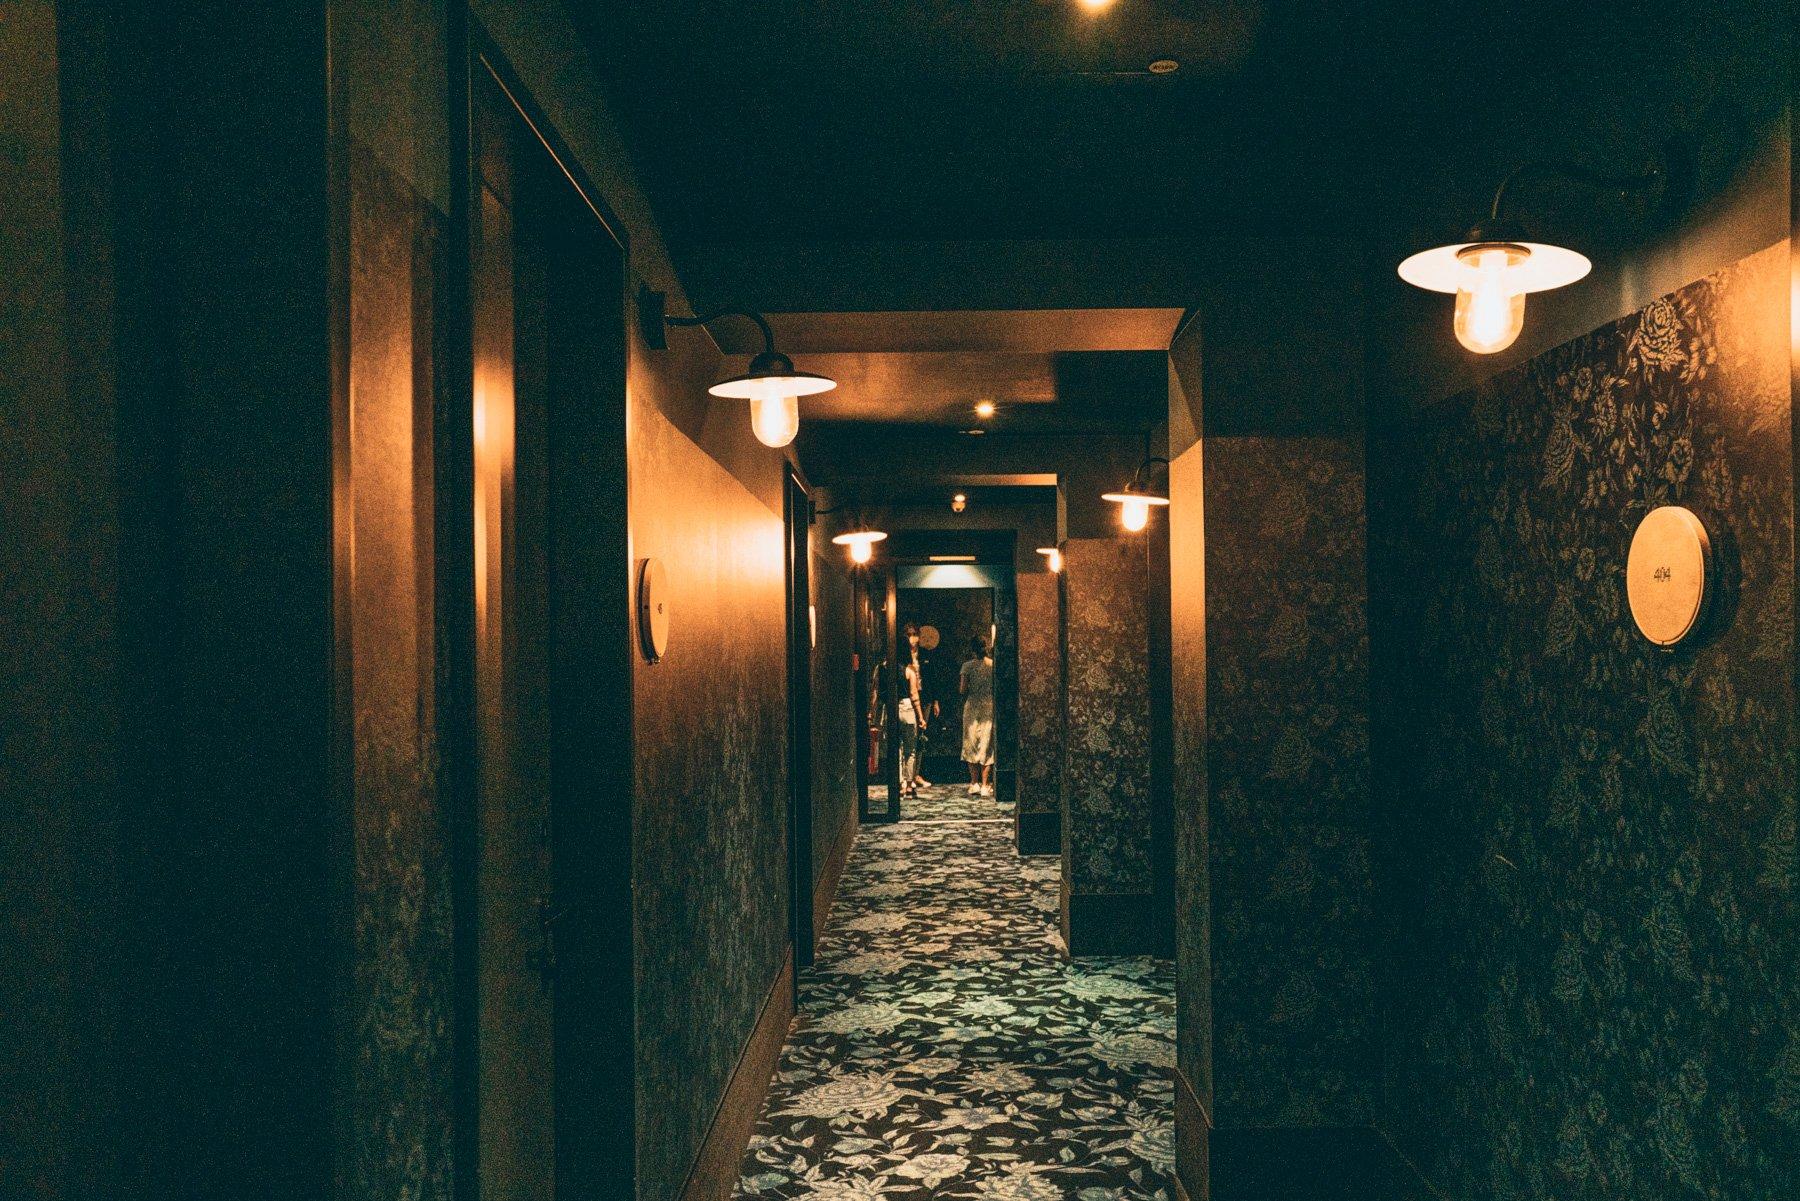 geheimtipp muenchen 25 hours hotel 23 – ©wunderland media GmbH